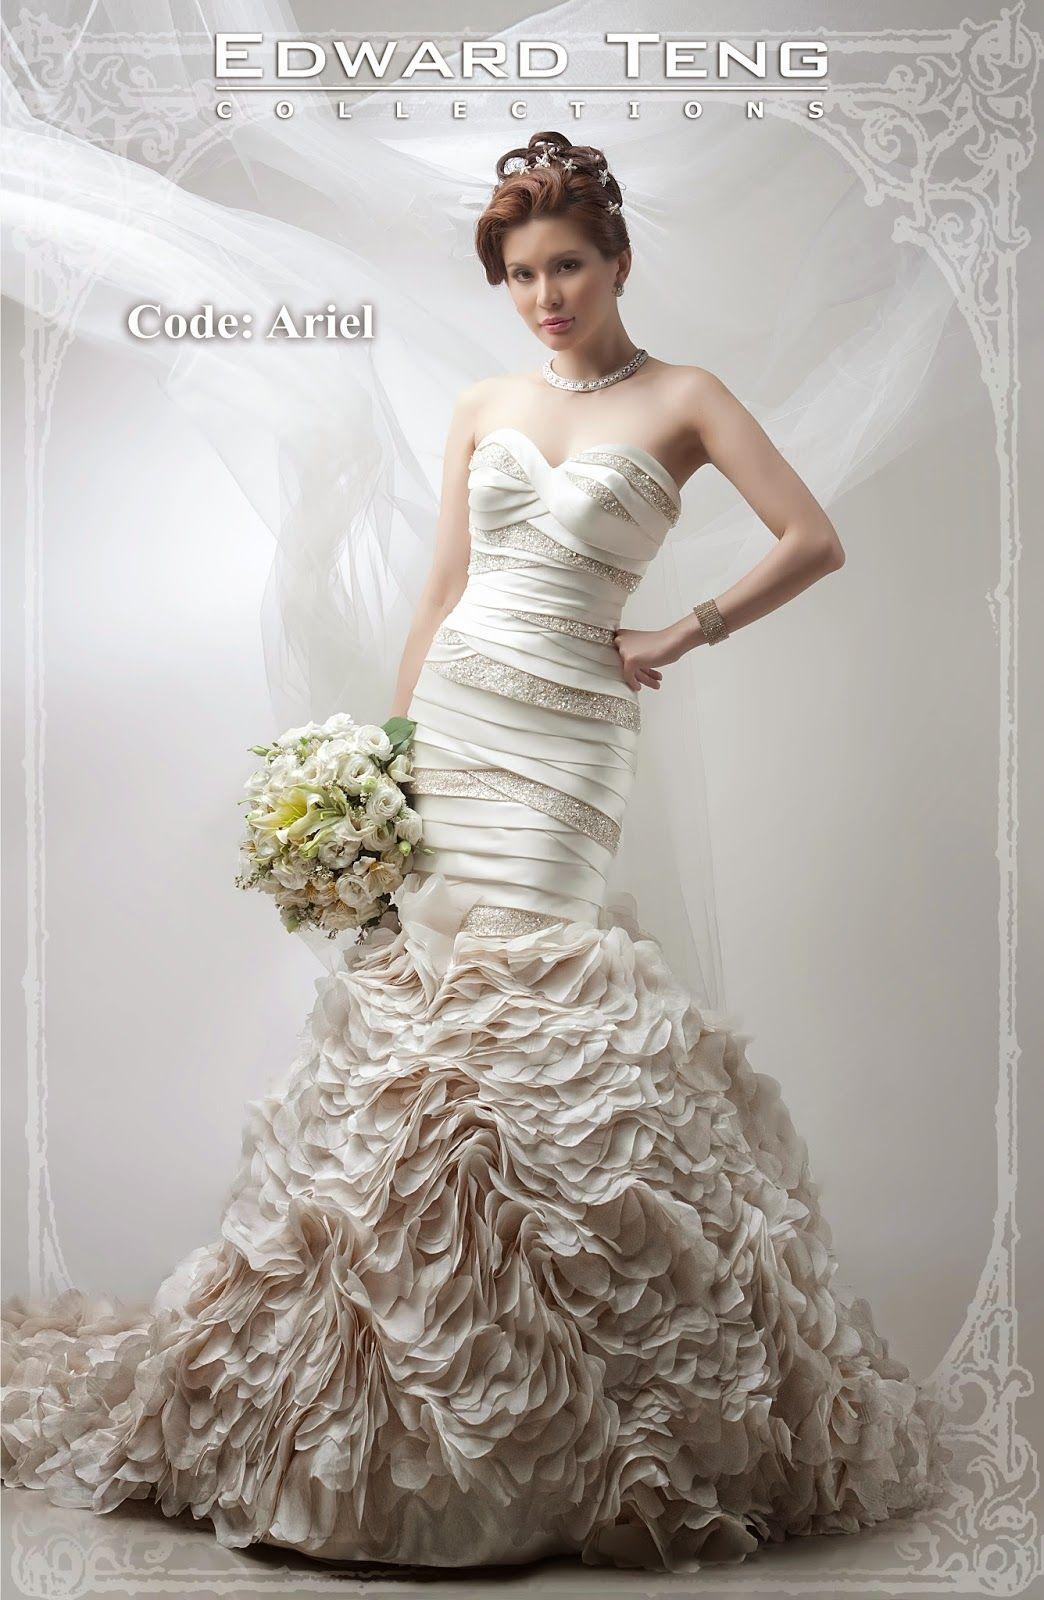 philippines wedding gown designer | wedding gown | Pinterest | Gowns ...